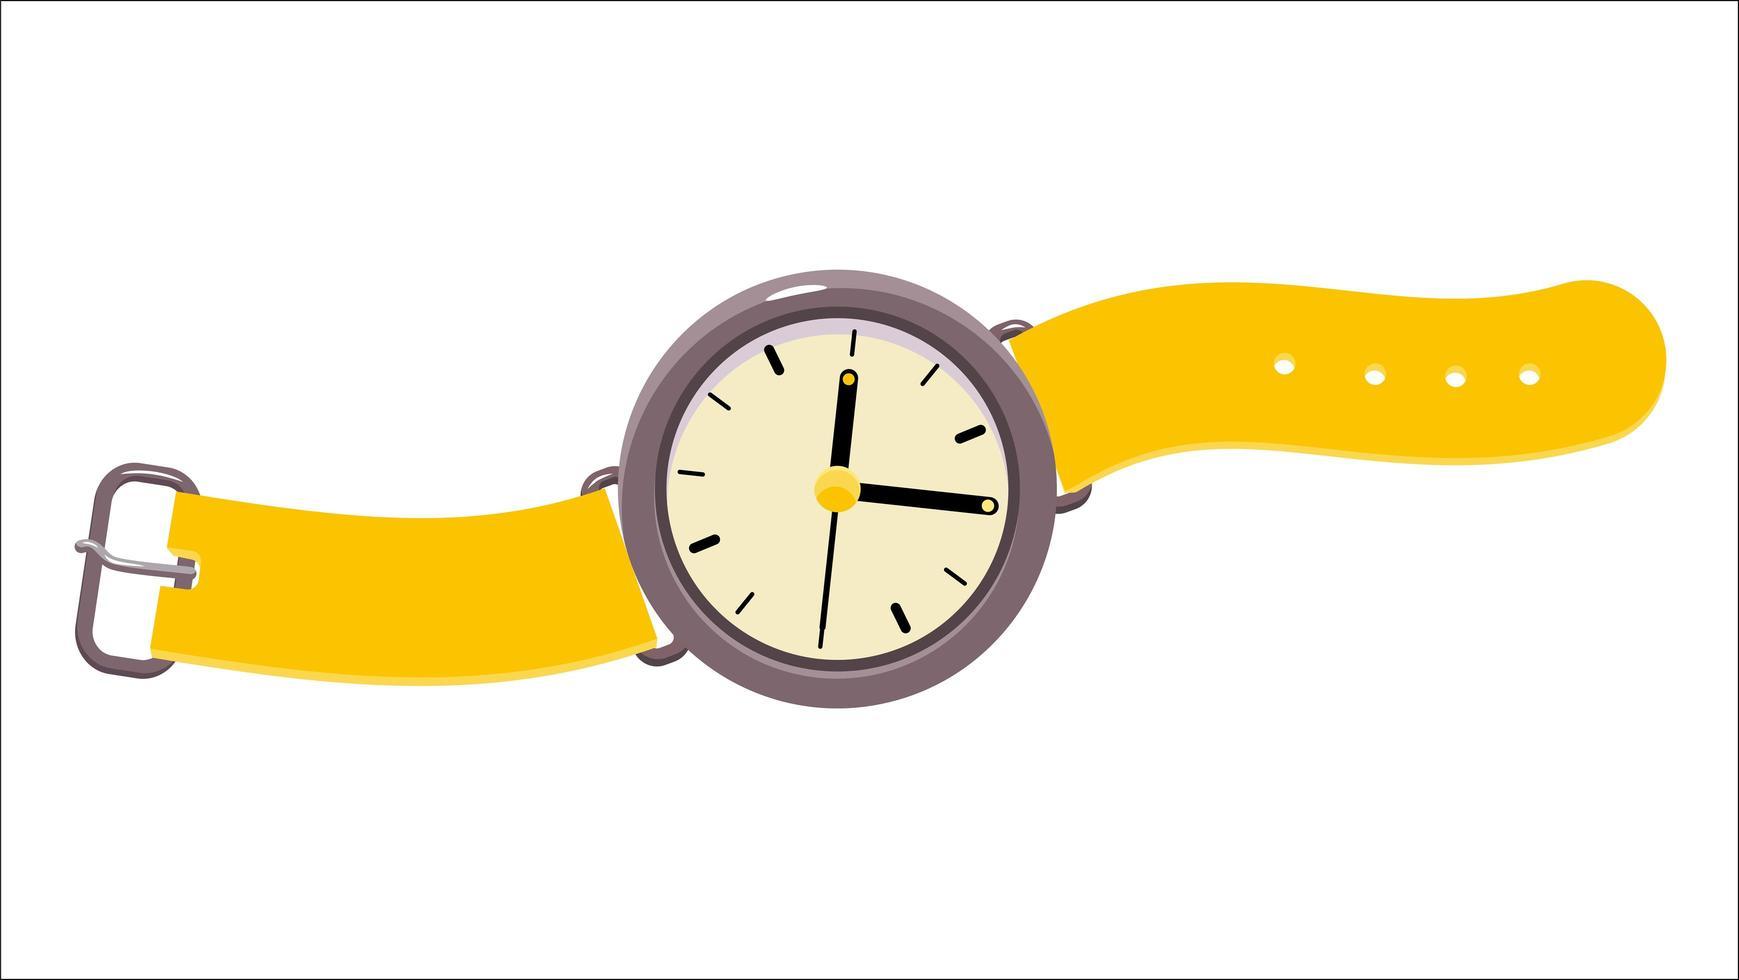 ilustração de relógio de pulso analógico vetor